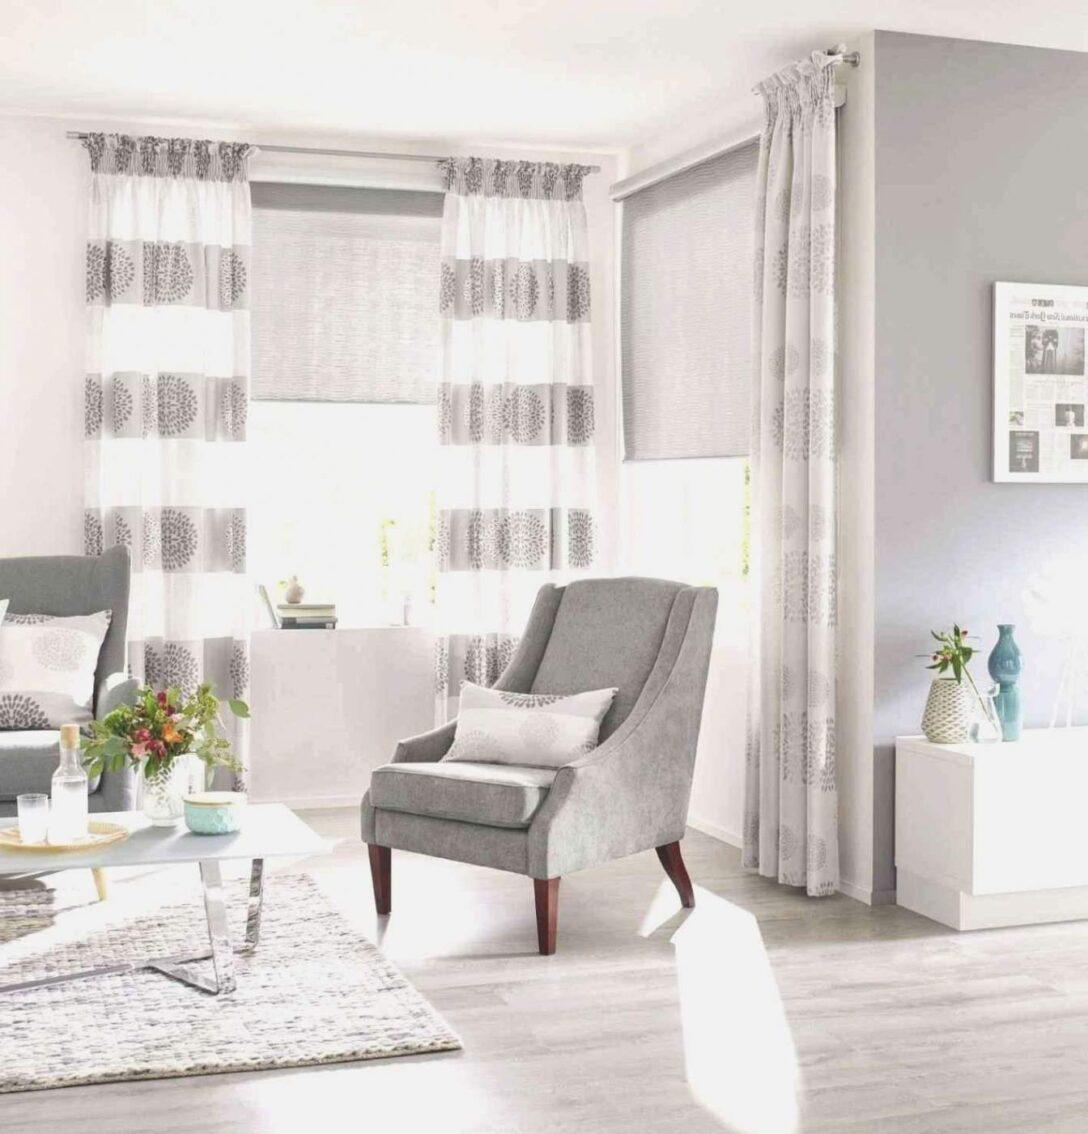 Large Size of 36 Elegant Wohnzimmer Vorhang Einzigartig Frisch Deckenleuchten Led Deckenleuchte Liege Stehleuchte Hängeschrank Weiß Hochglanz Relaxliege Vitrine Kommode Wohnzimmer Vorhänge Wohnzimmer